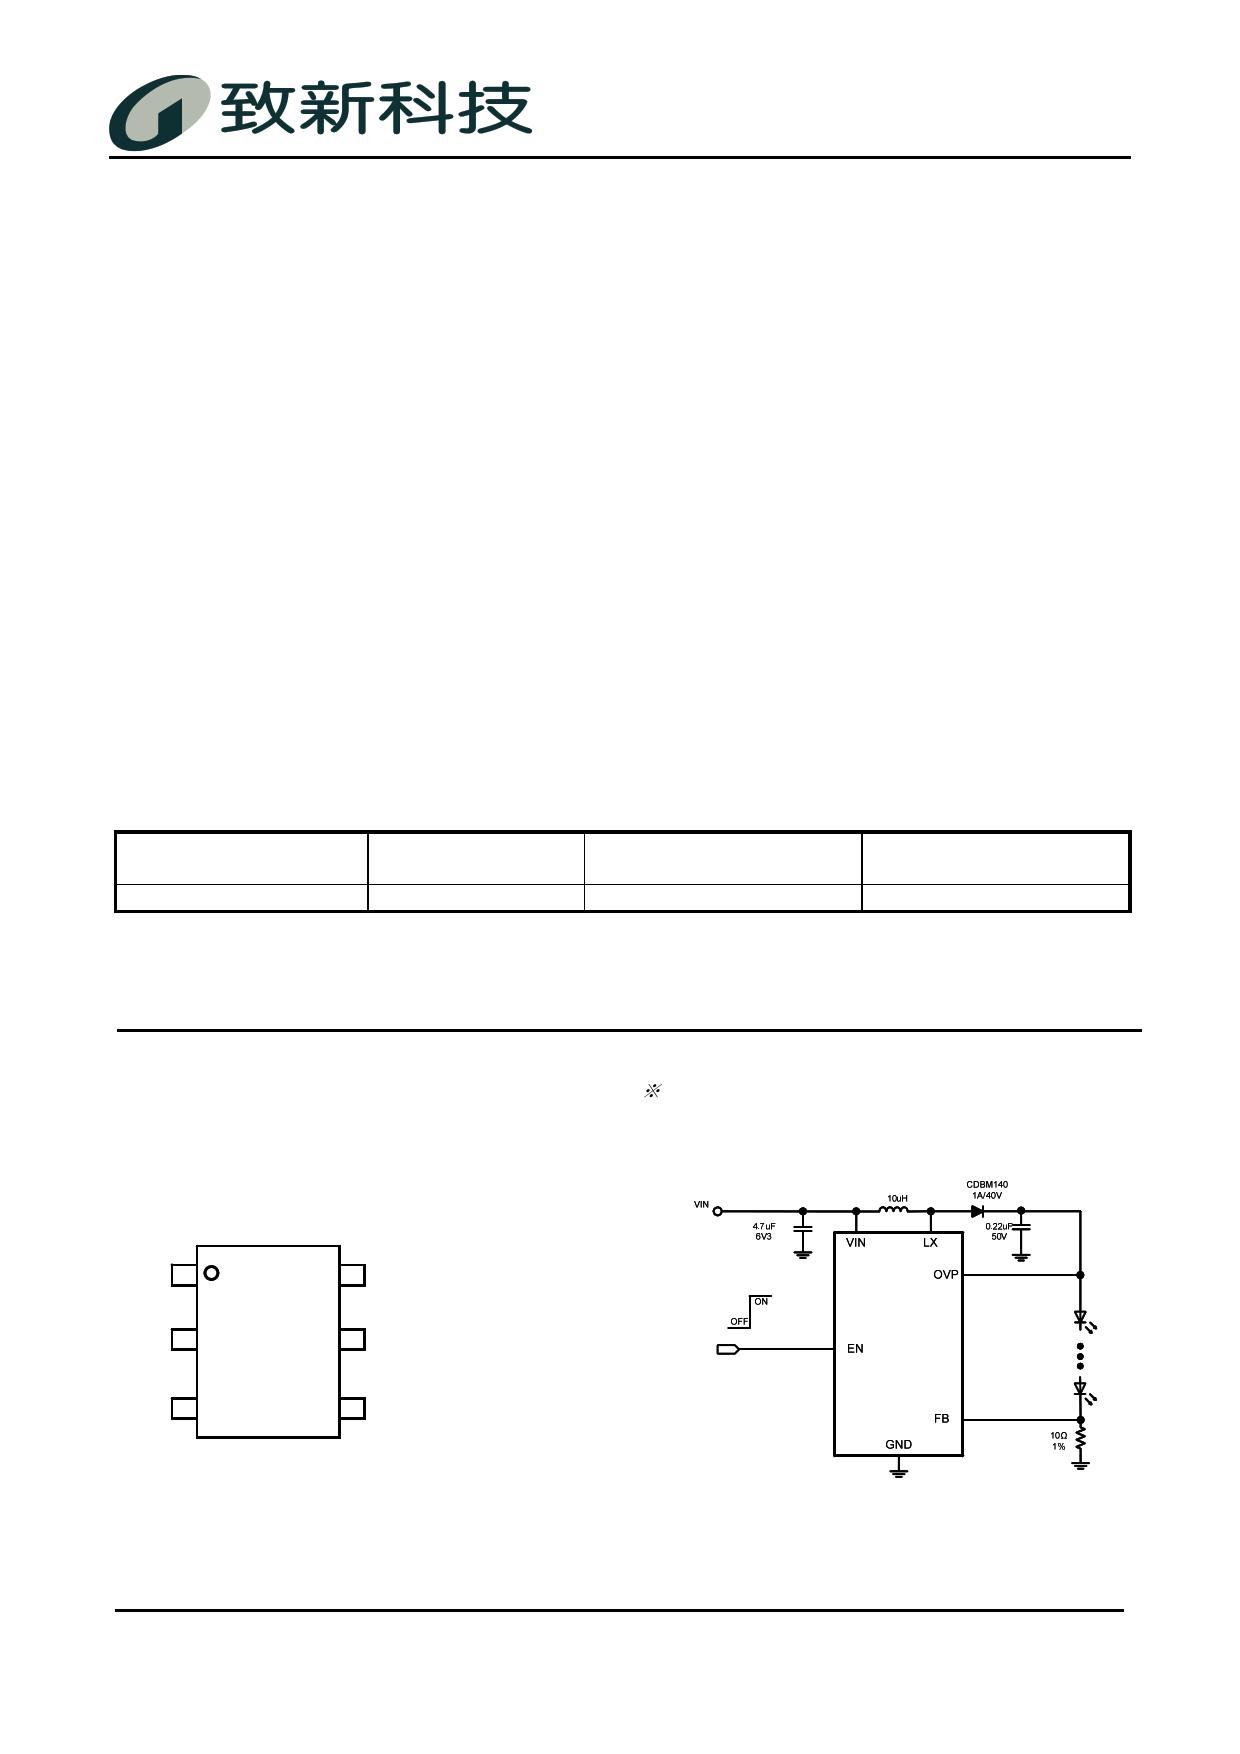 AT5160 Datasheet, AT5160 PDF,ピン配置, 機能